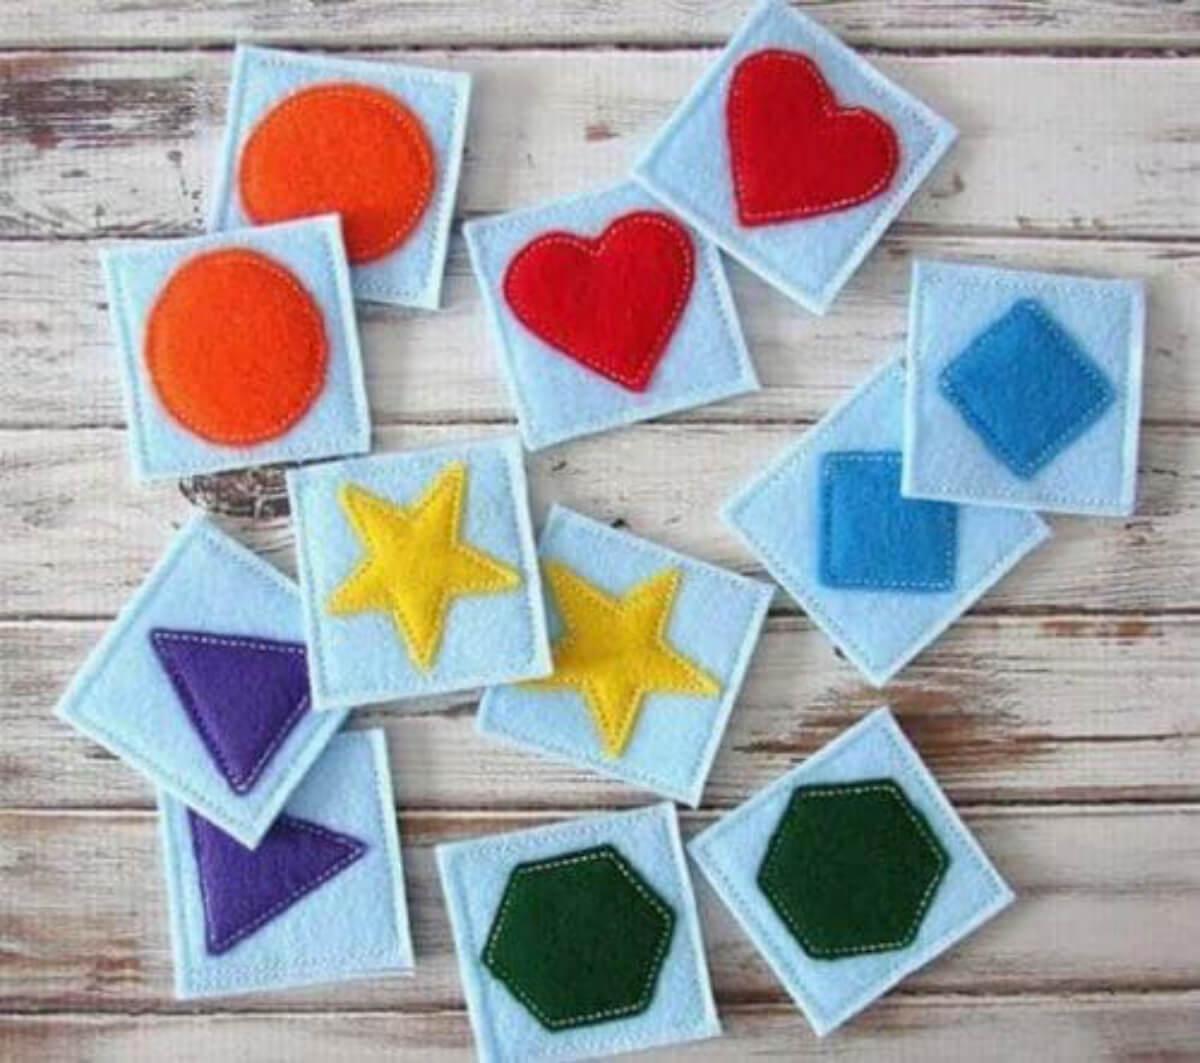 Cartas con figura como juego de memoria.